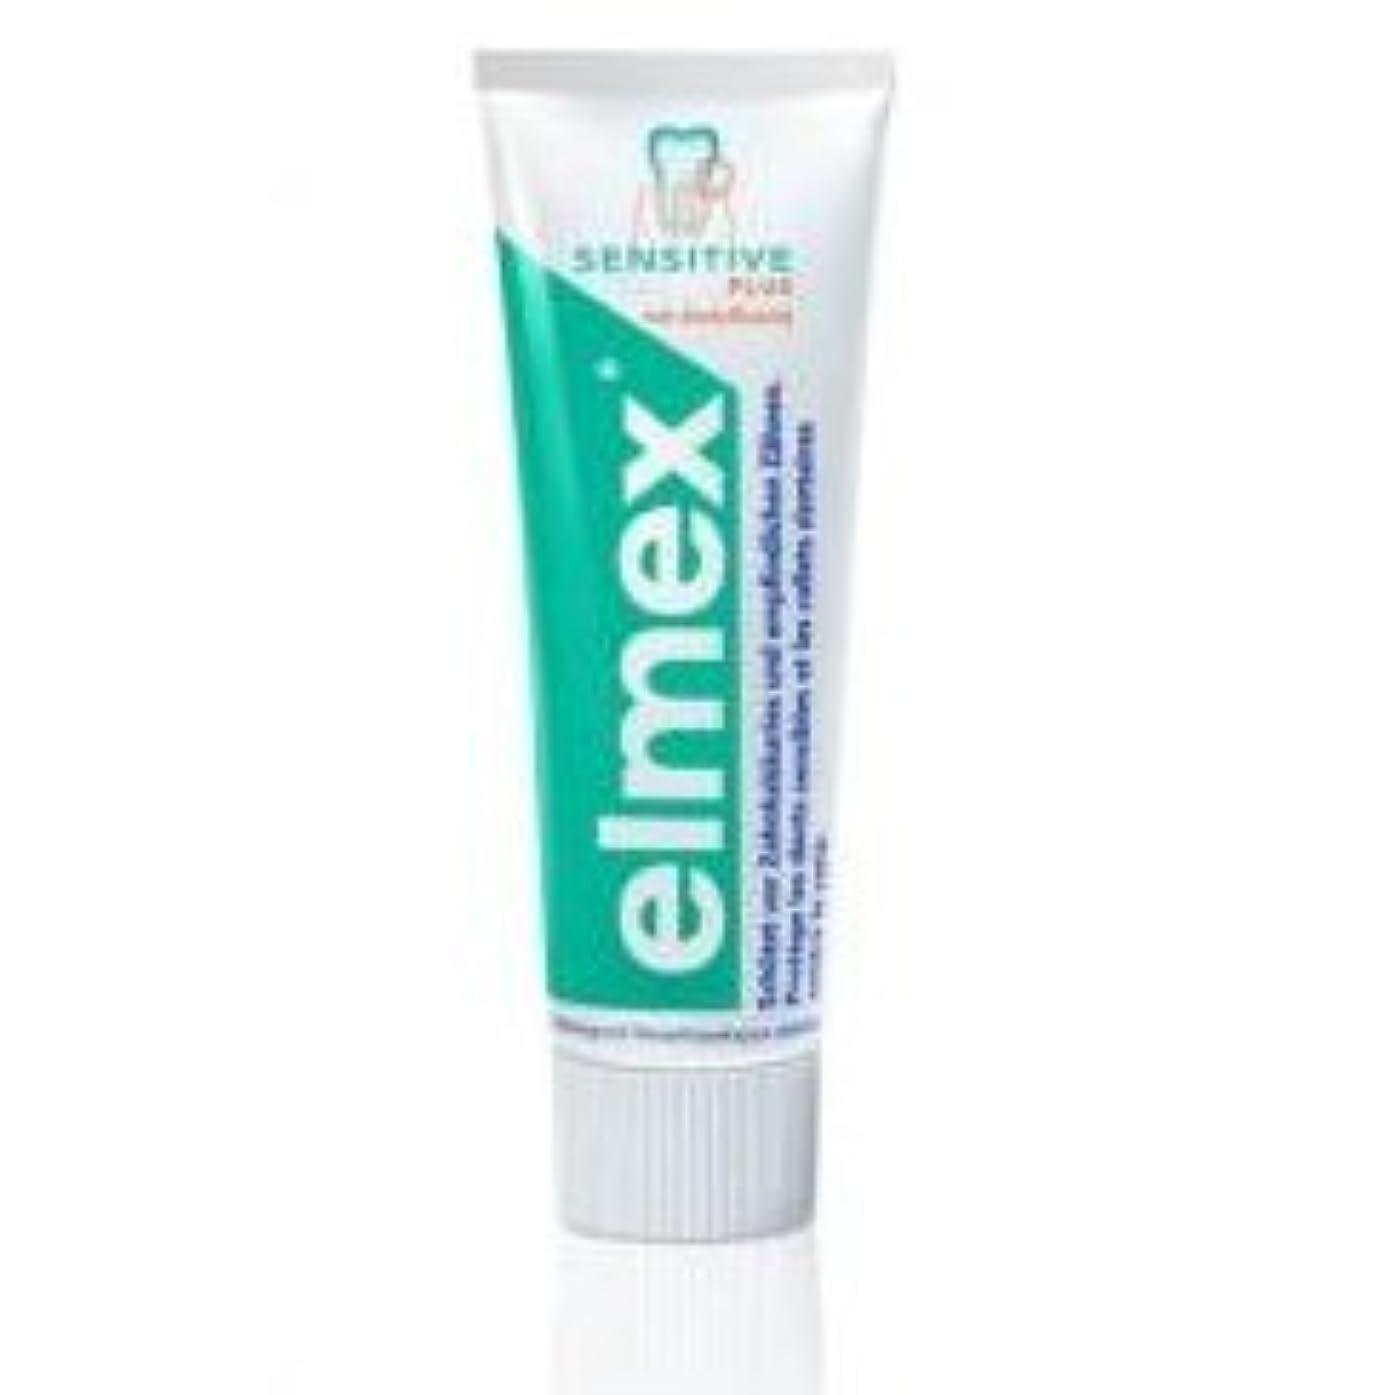 パパ祝福する適度にエルメックス センシティブ 歯磨き粉 75ml (elmex sensitive toothpaste 75ml)【並行輸入品】